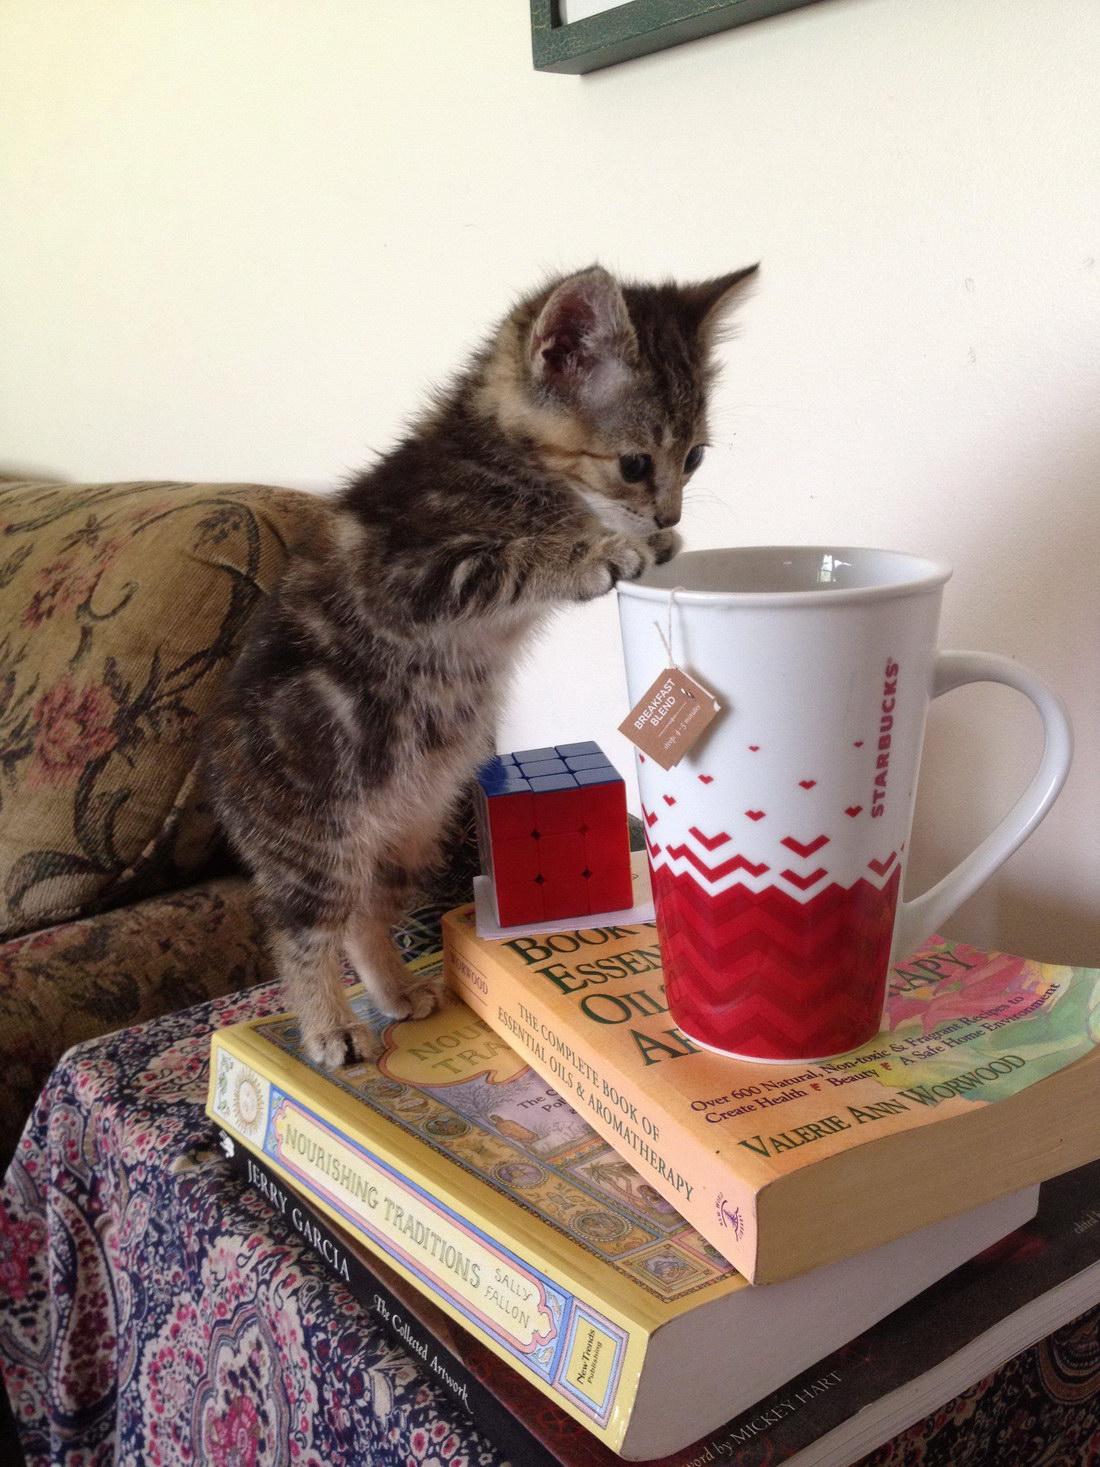 картинки с котами и чаем и мы не подкачаем размещенные